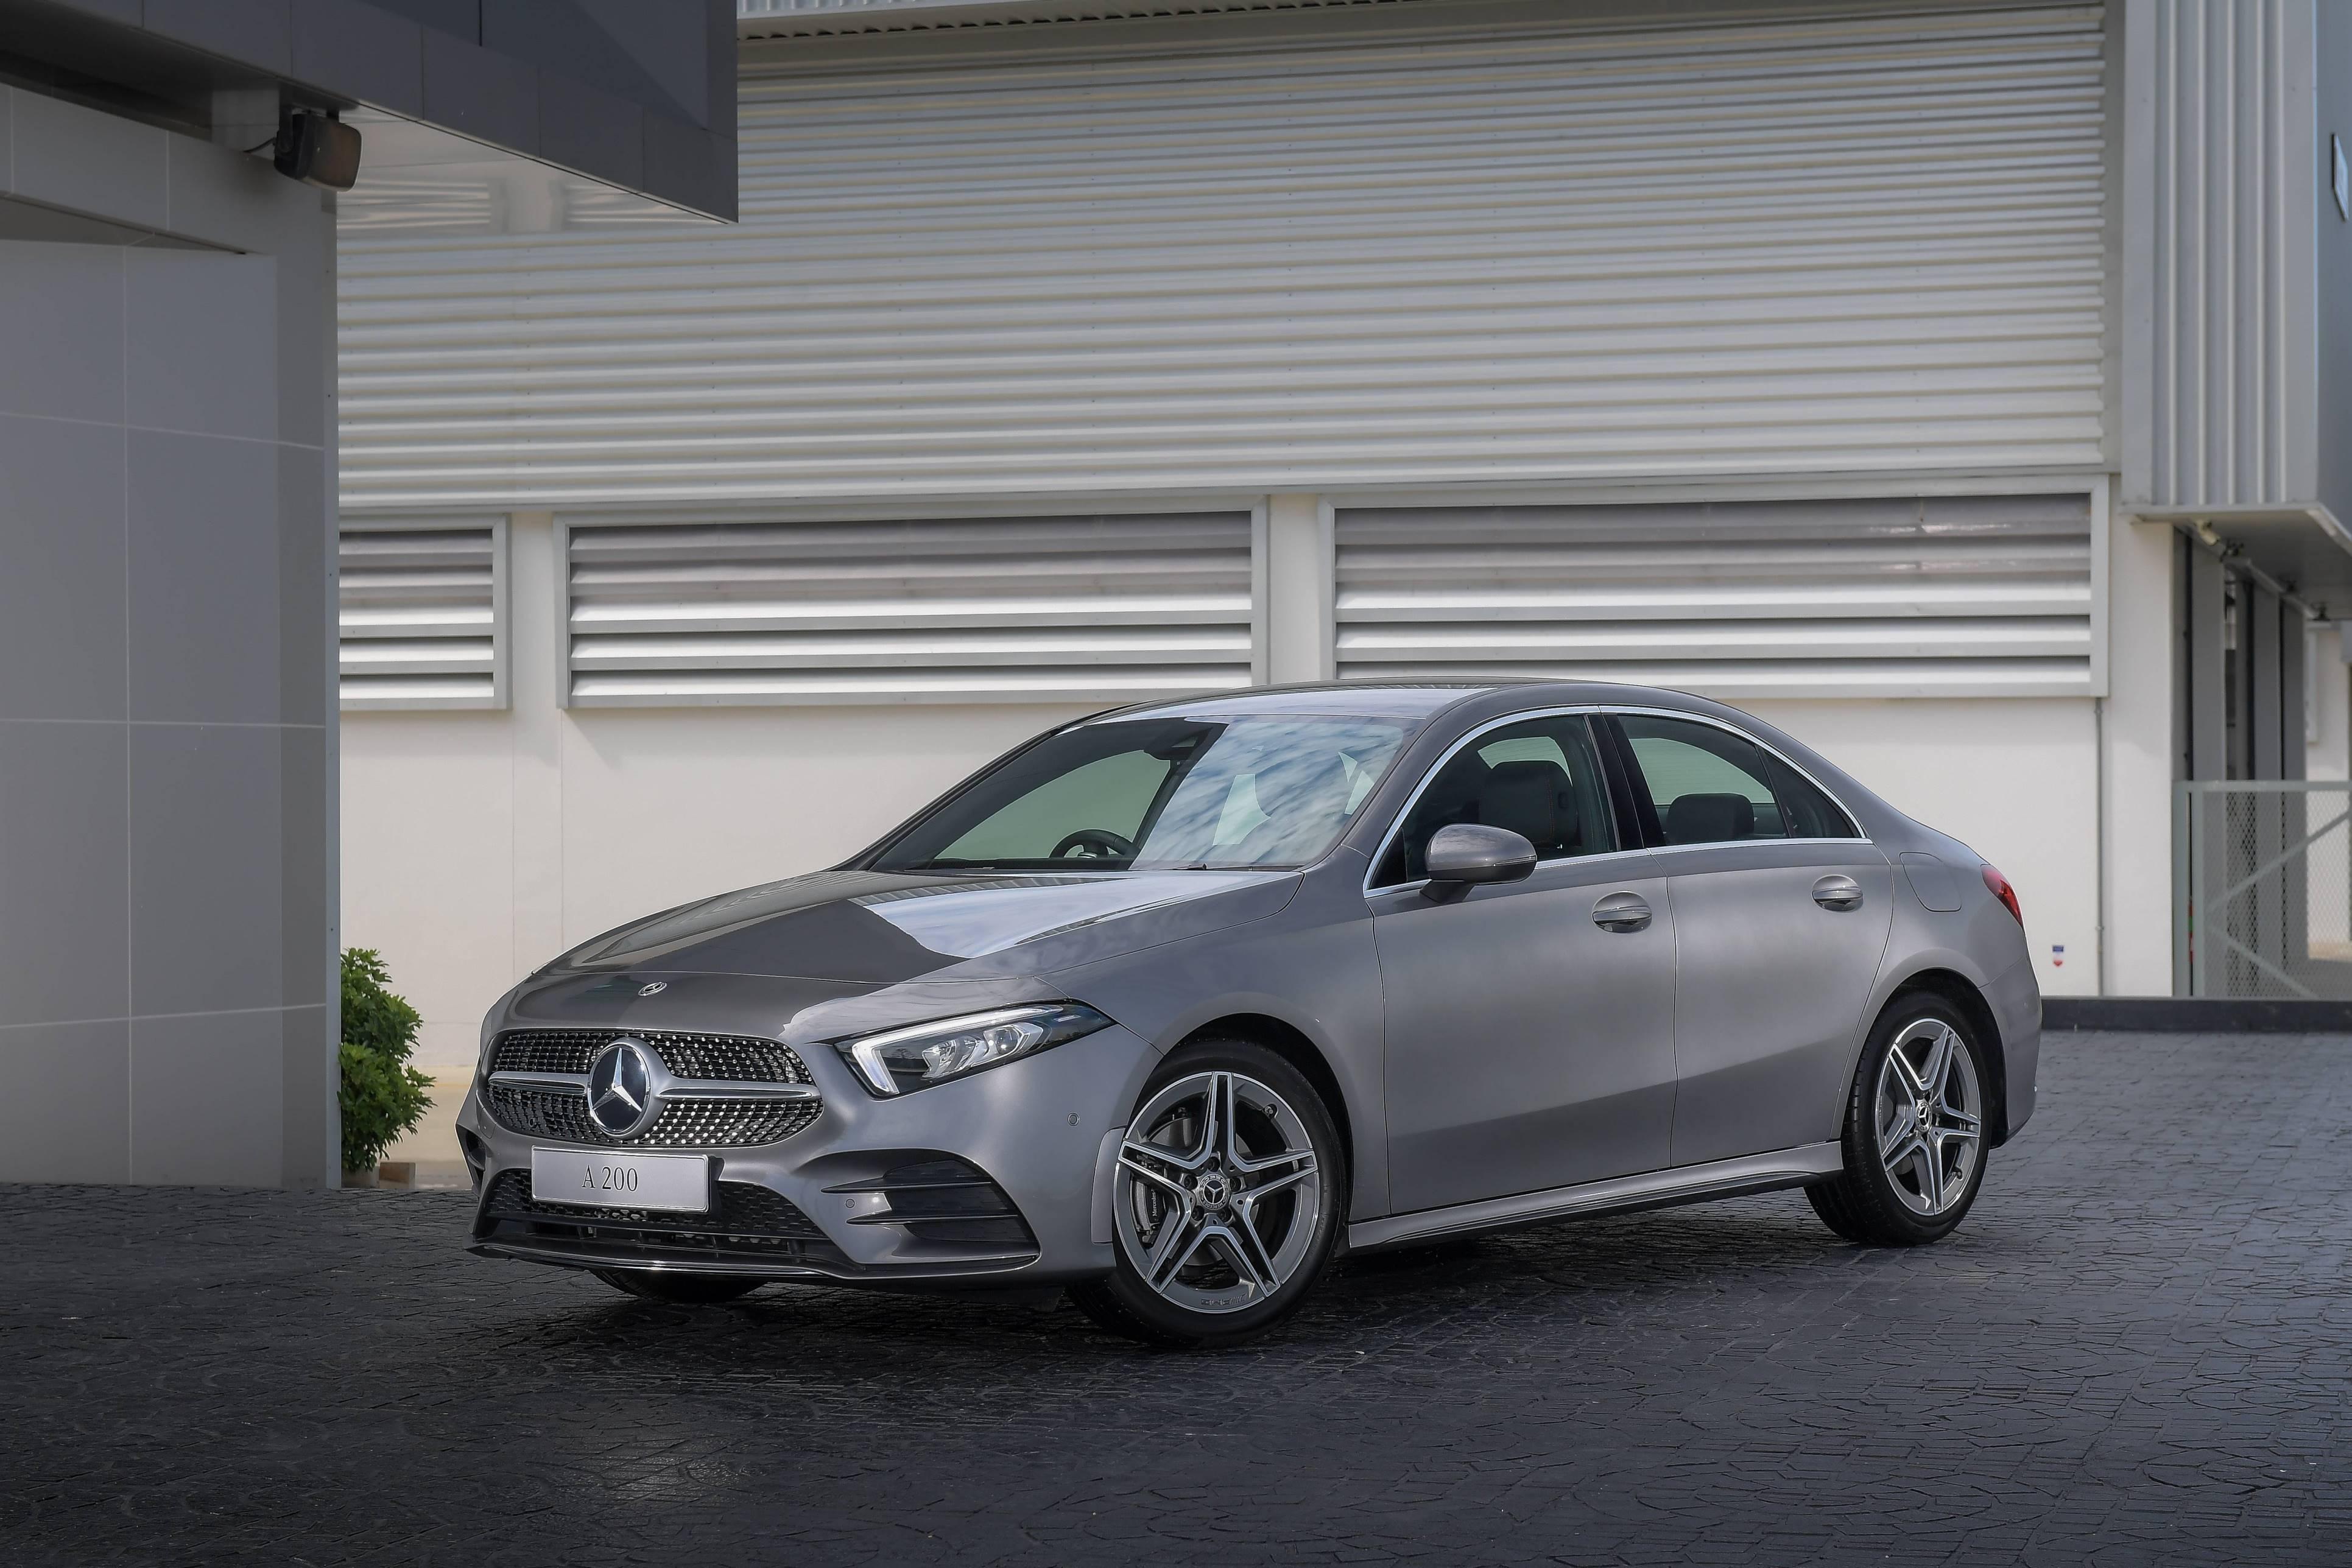 """""""เบนซ์"""" เปิดตัว The new Mercedes-Benz A-Class เจเนอเรชันที่ 4  พรีเมี่ยมคอมแพ็คคาร์สุดหรู"""